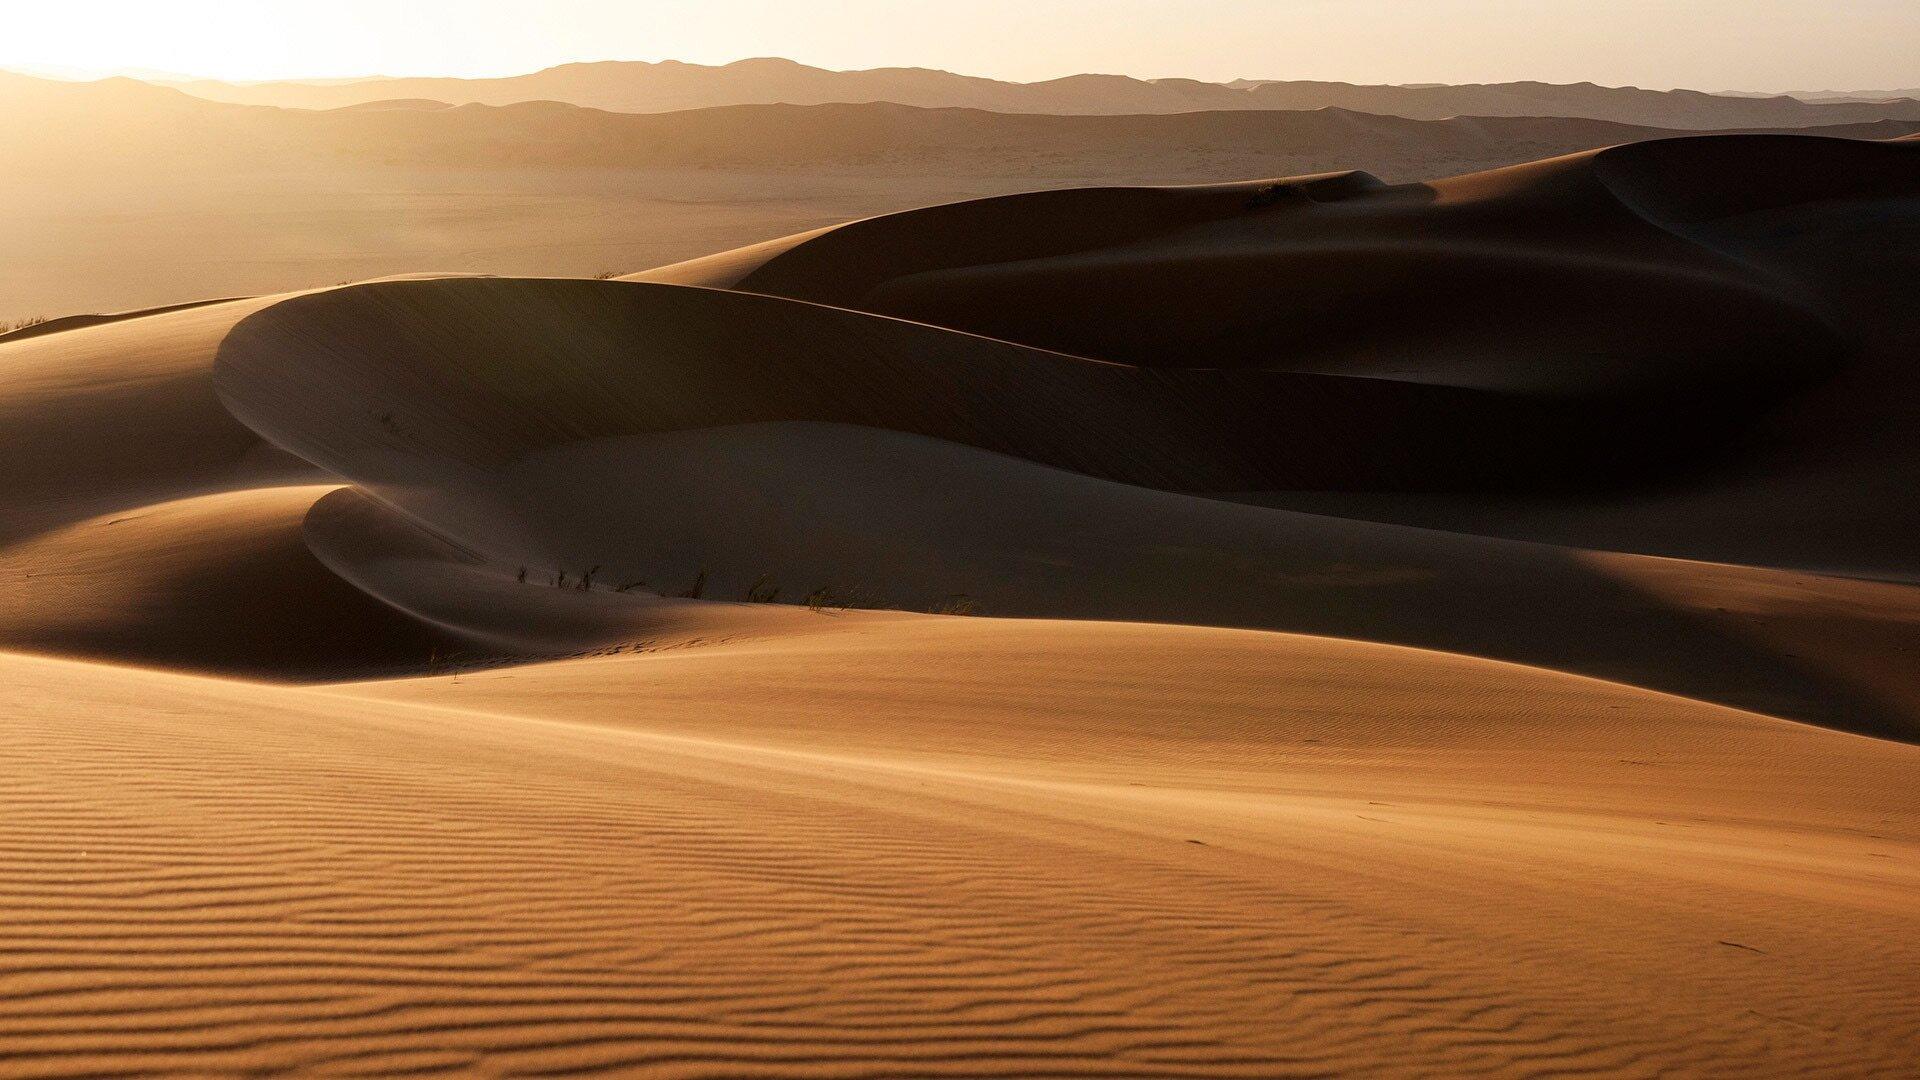 Eden: Untamed Planet — s01e02 — Namib: Skeleton Coast and Beyond